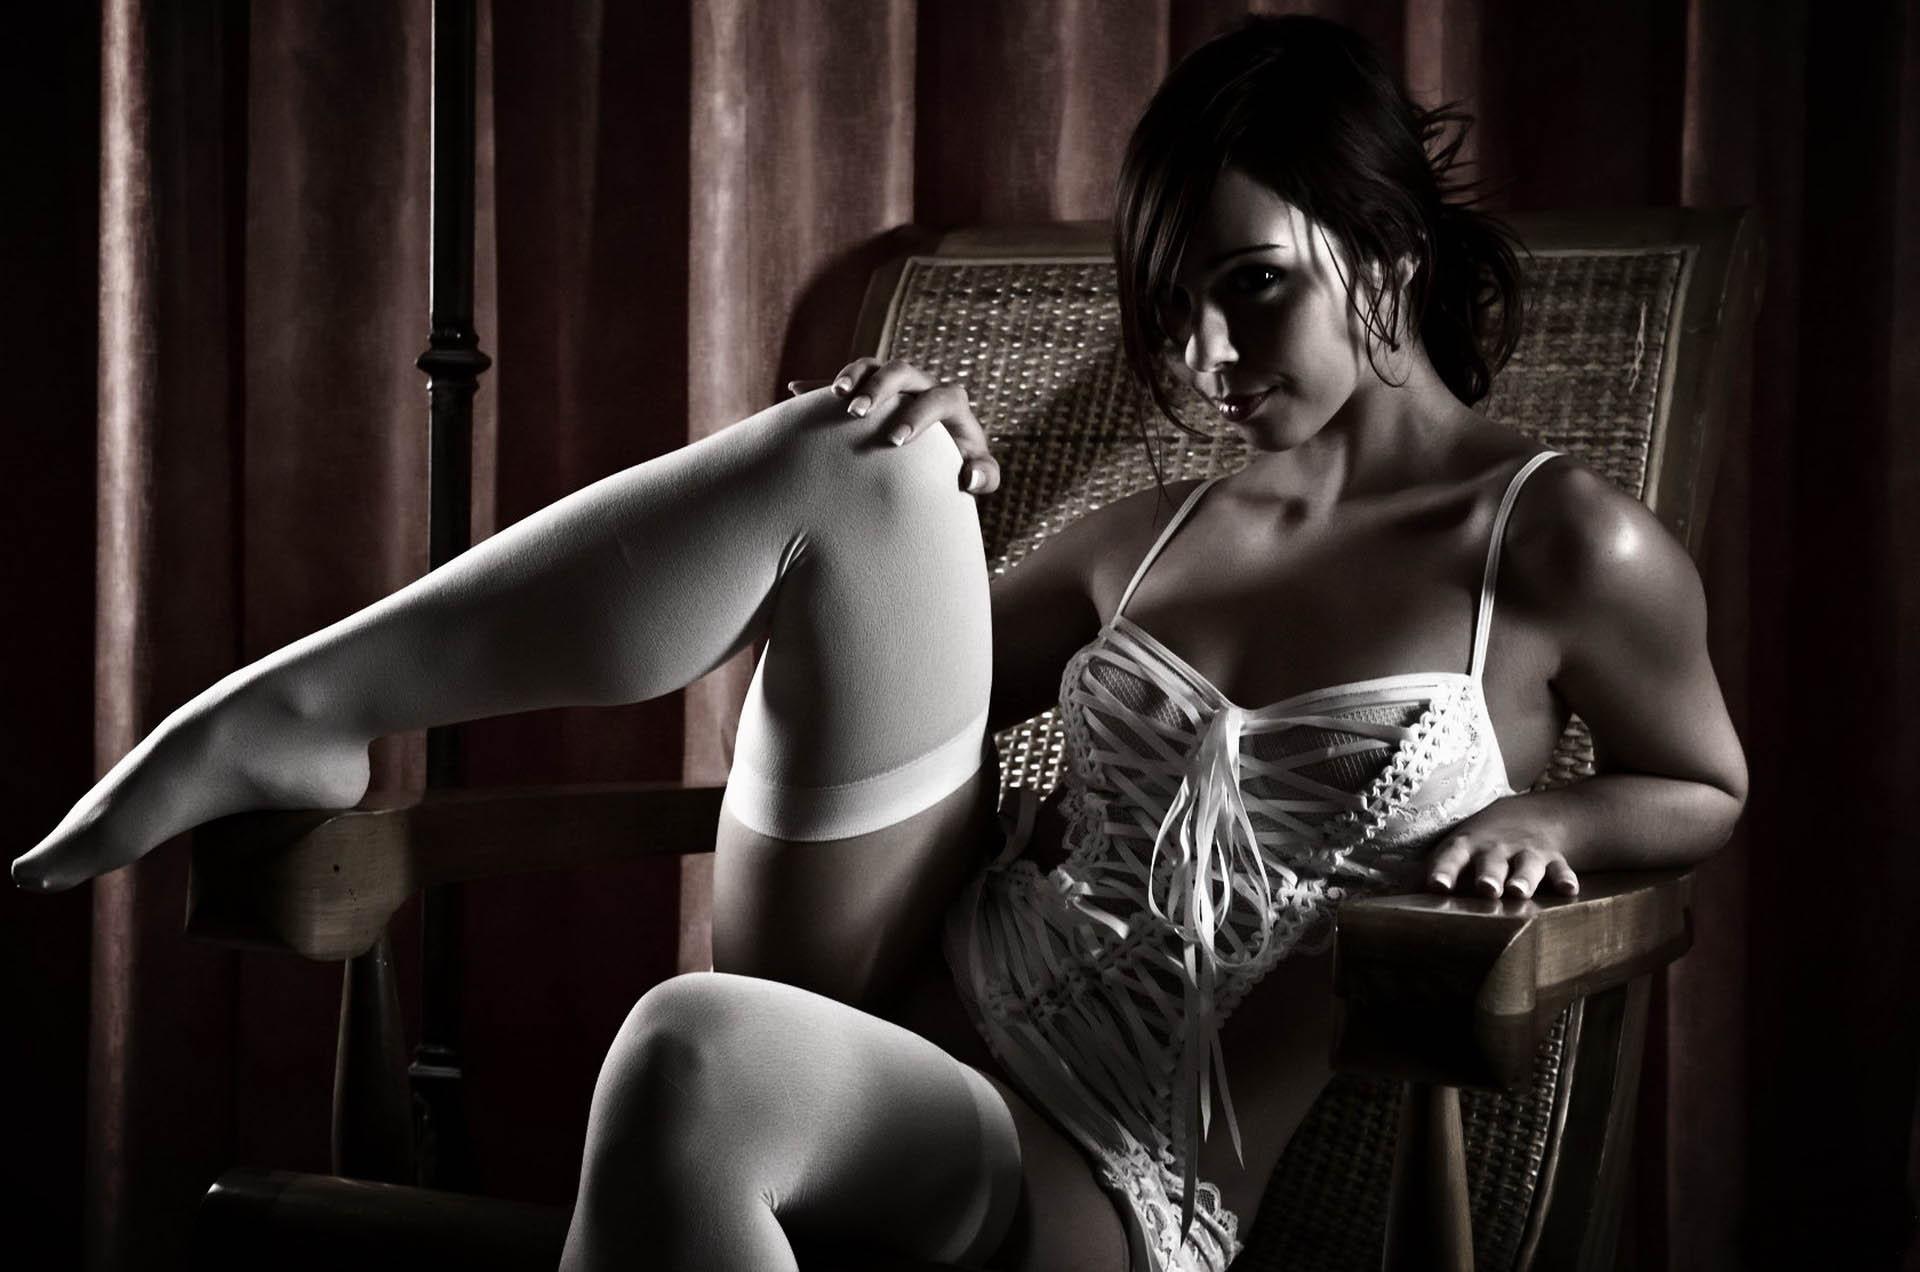 Порно фотообоев в картинках эротика видео чулках